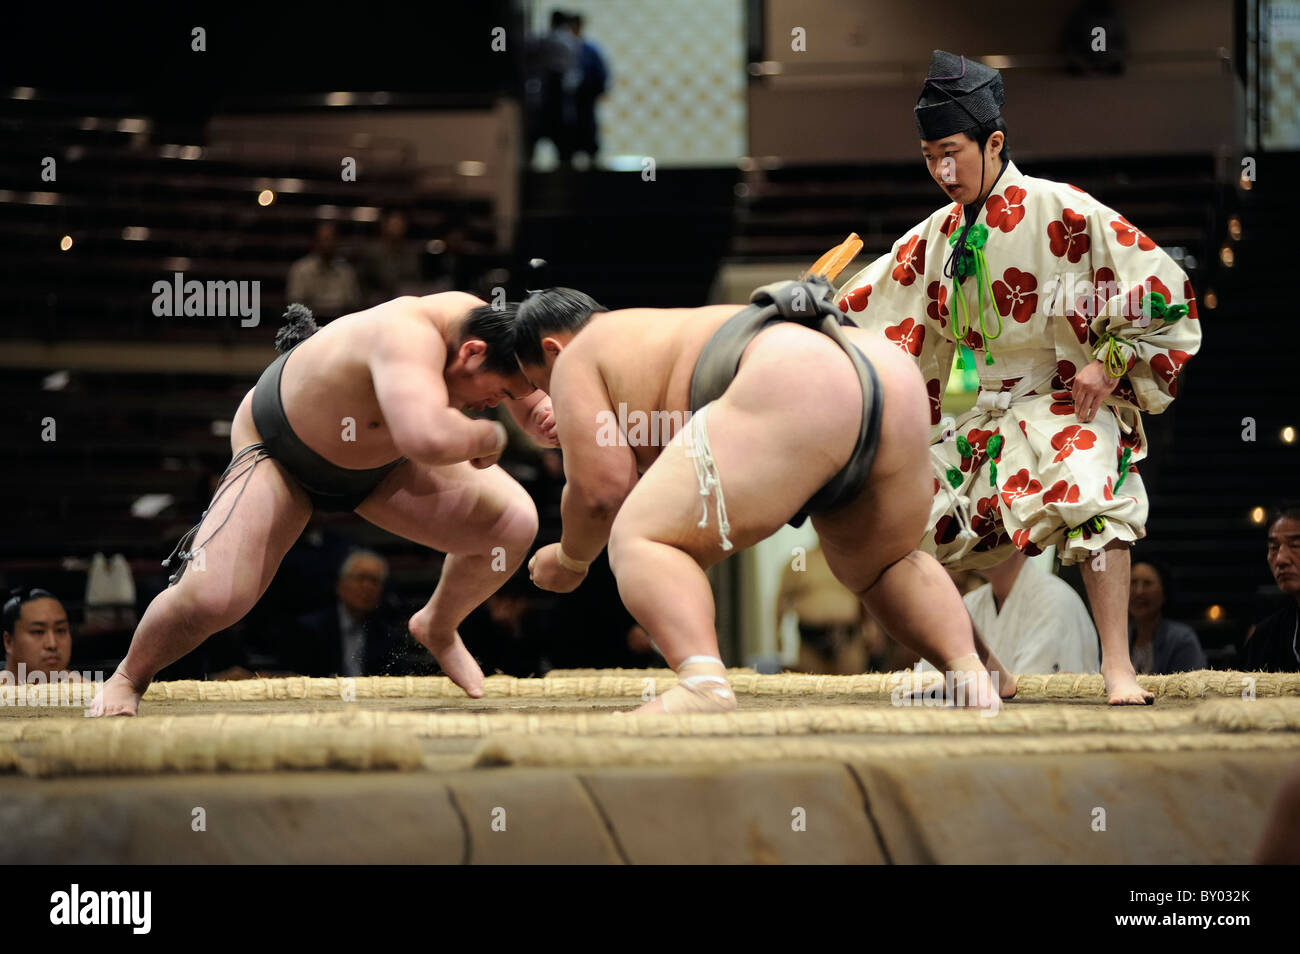 Due lottatori di sumo di attaccare, Grandi Campionati di Sumo maggio 2010, Ryogoku Kokugikan, Tokyo, Giappone Immagini Stock